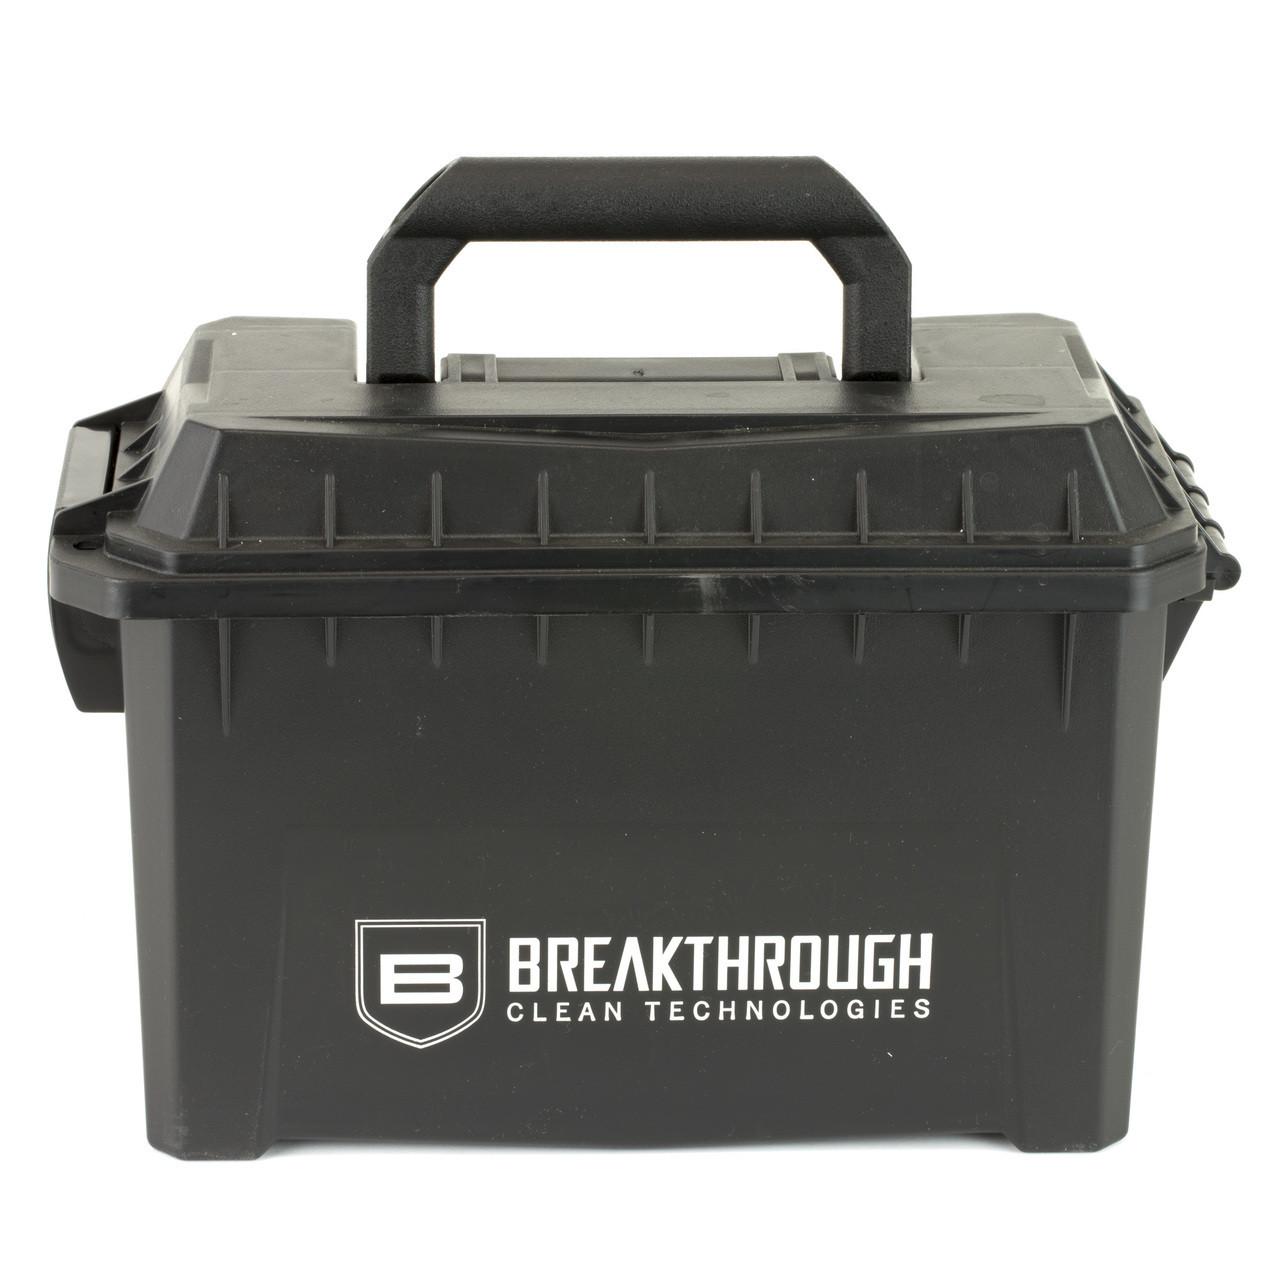 Breakthrough Clean Technologies (6) Nylon Bore Brushes ( 22/ 223 cal ,  30  cal ,  357 cal/ 38 cal /9MM, 10MM/ 40 cal ,  45 cal , 12 Gauge), Shotgun